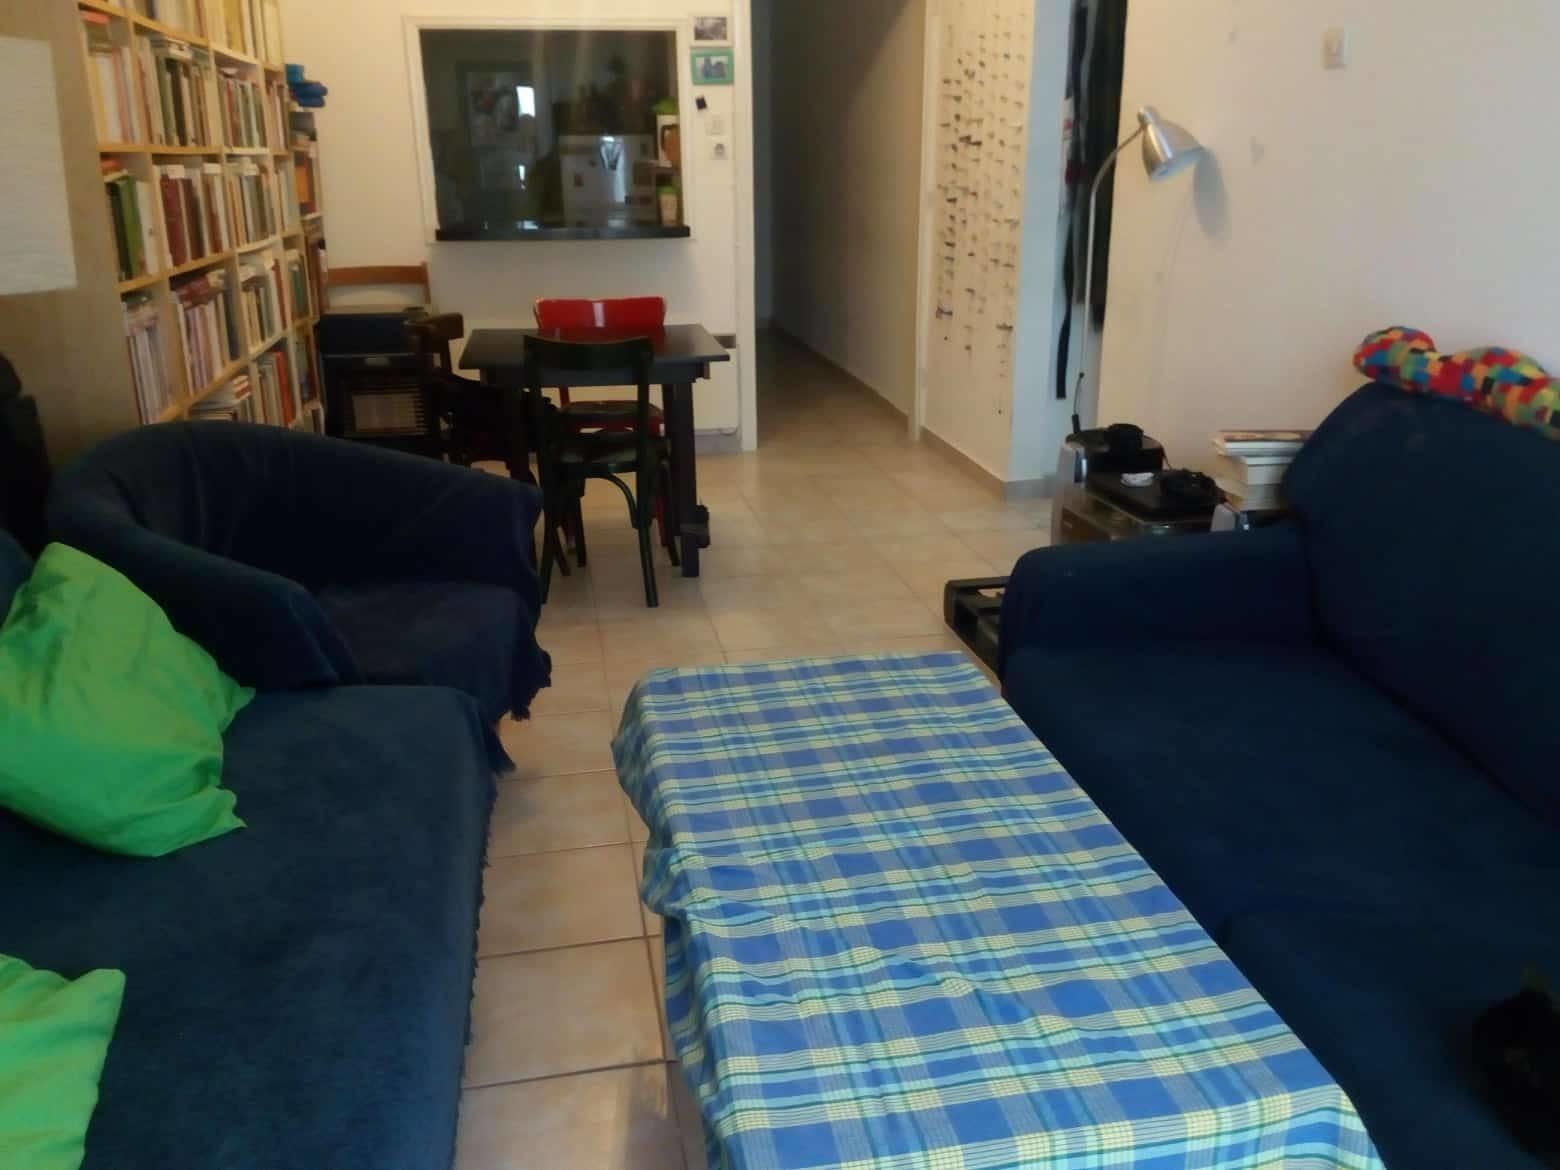 full-equipped-appartment-summer-1223986d5adf85c66f79d3cbf4d50109